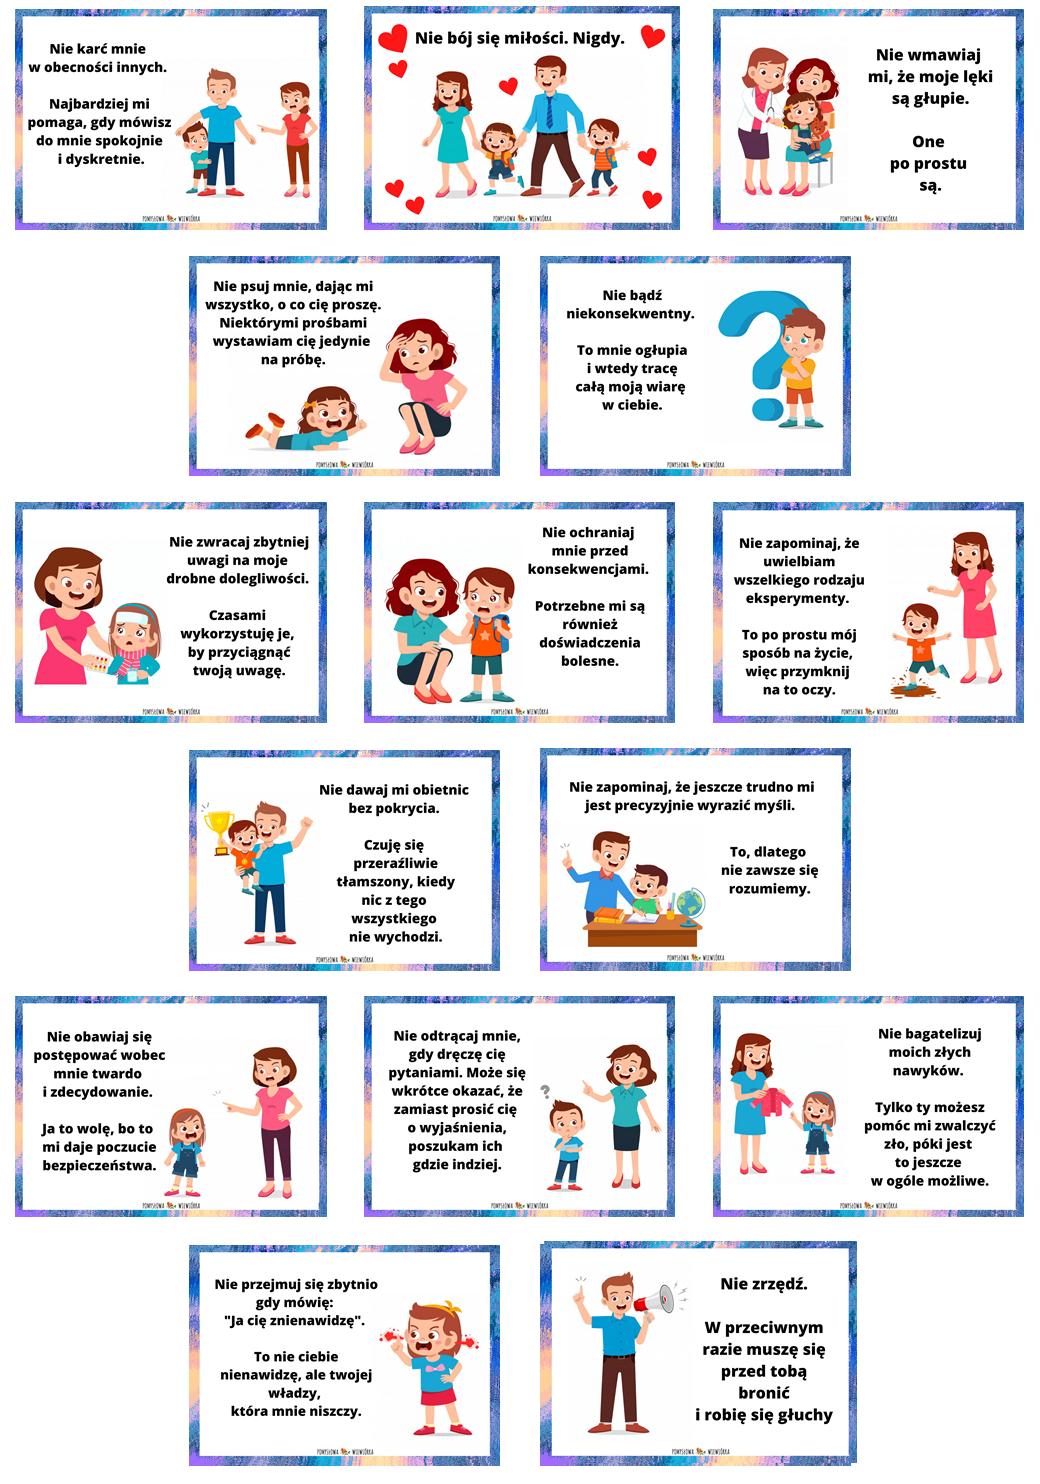 zdjęcie przedstawia wytyczne dla rodziców wg. Janusza Korczaka